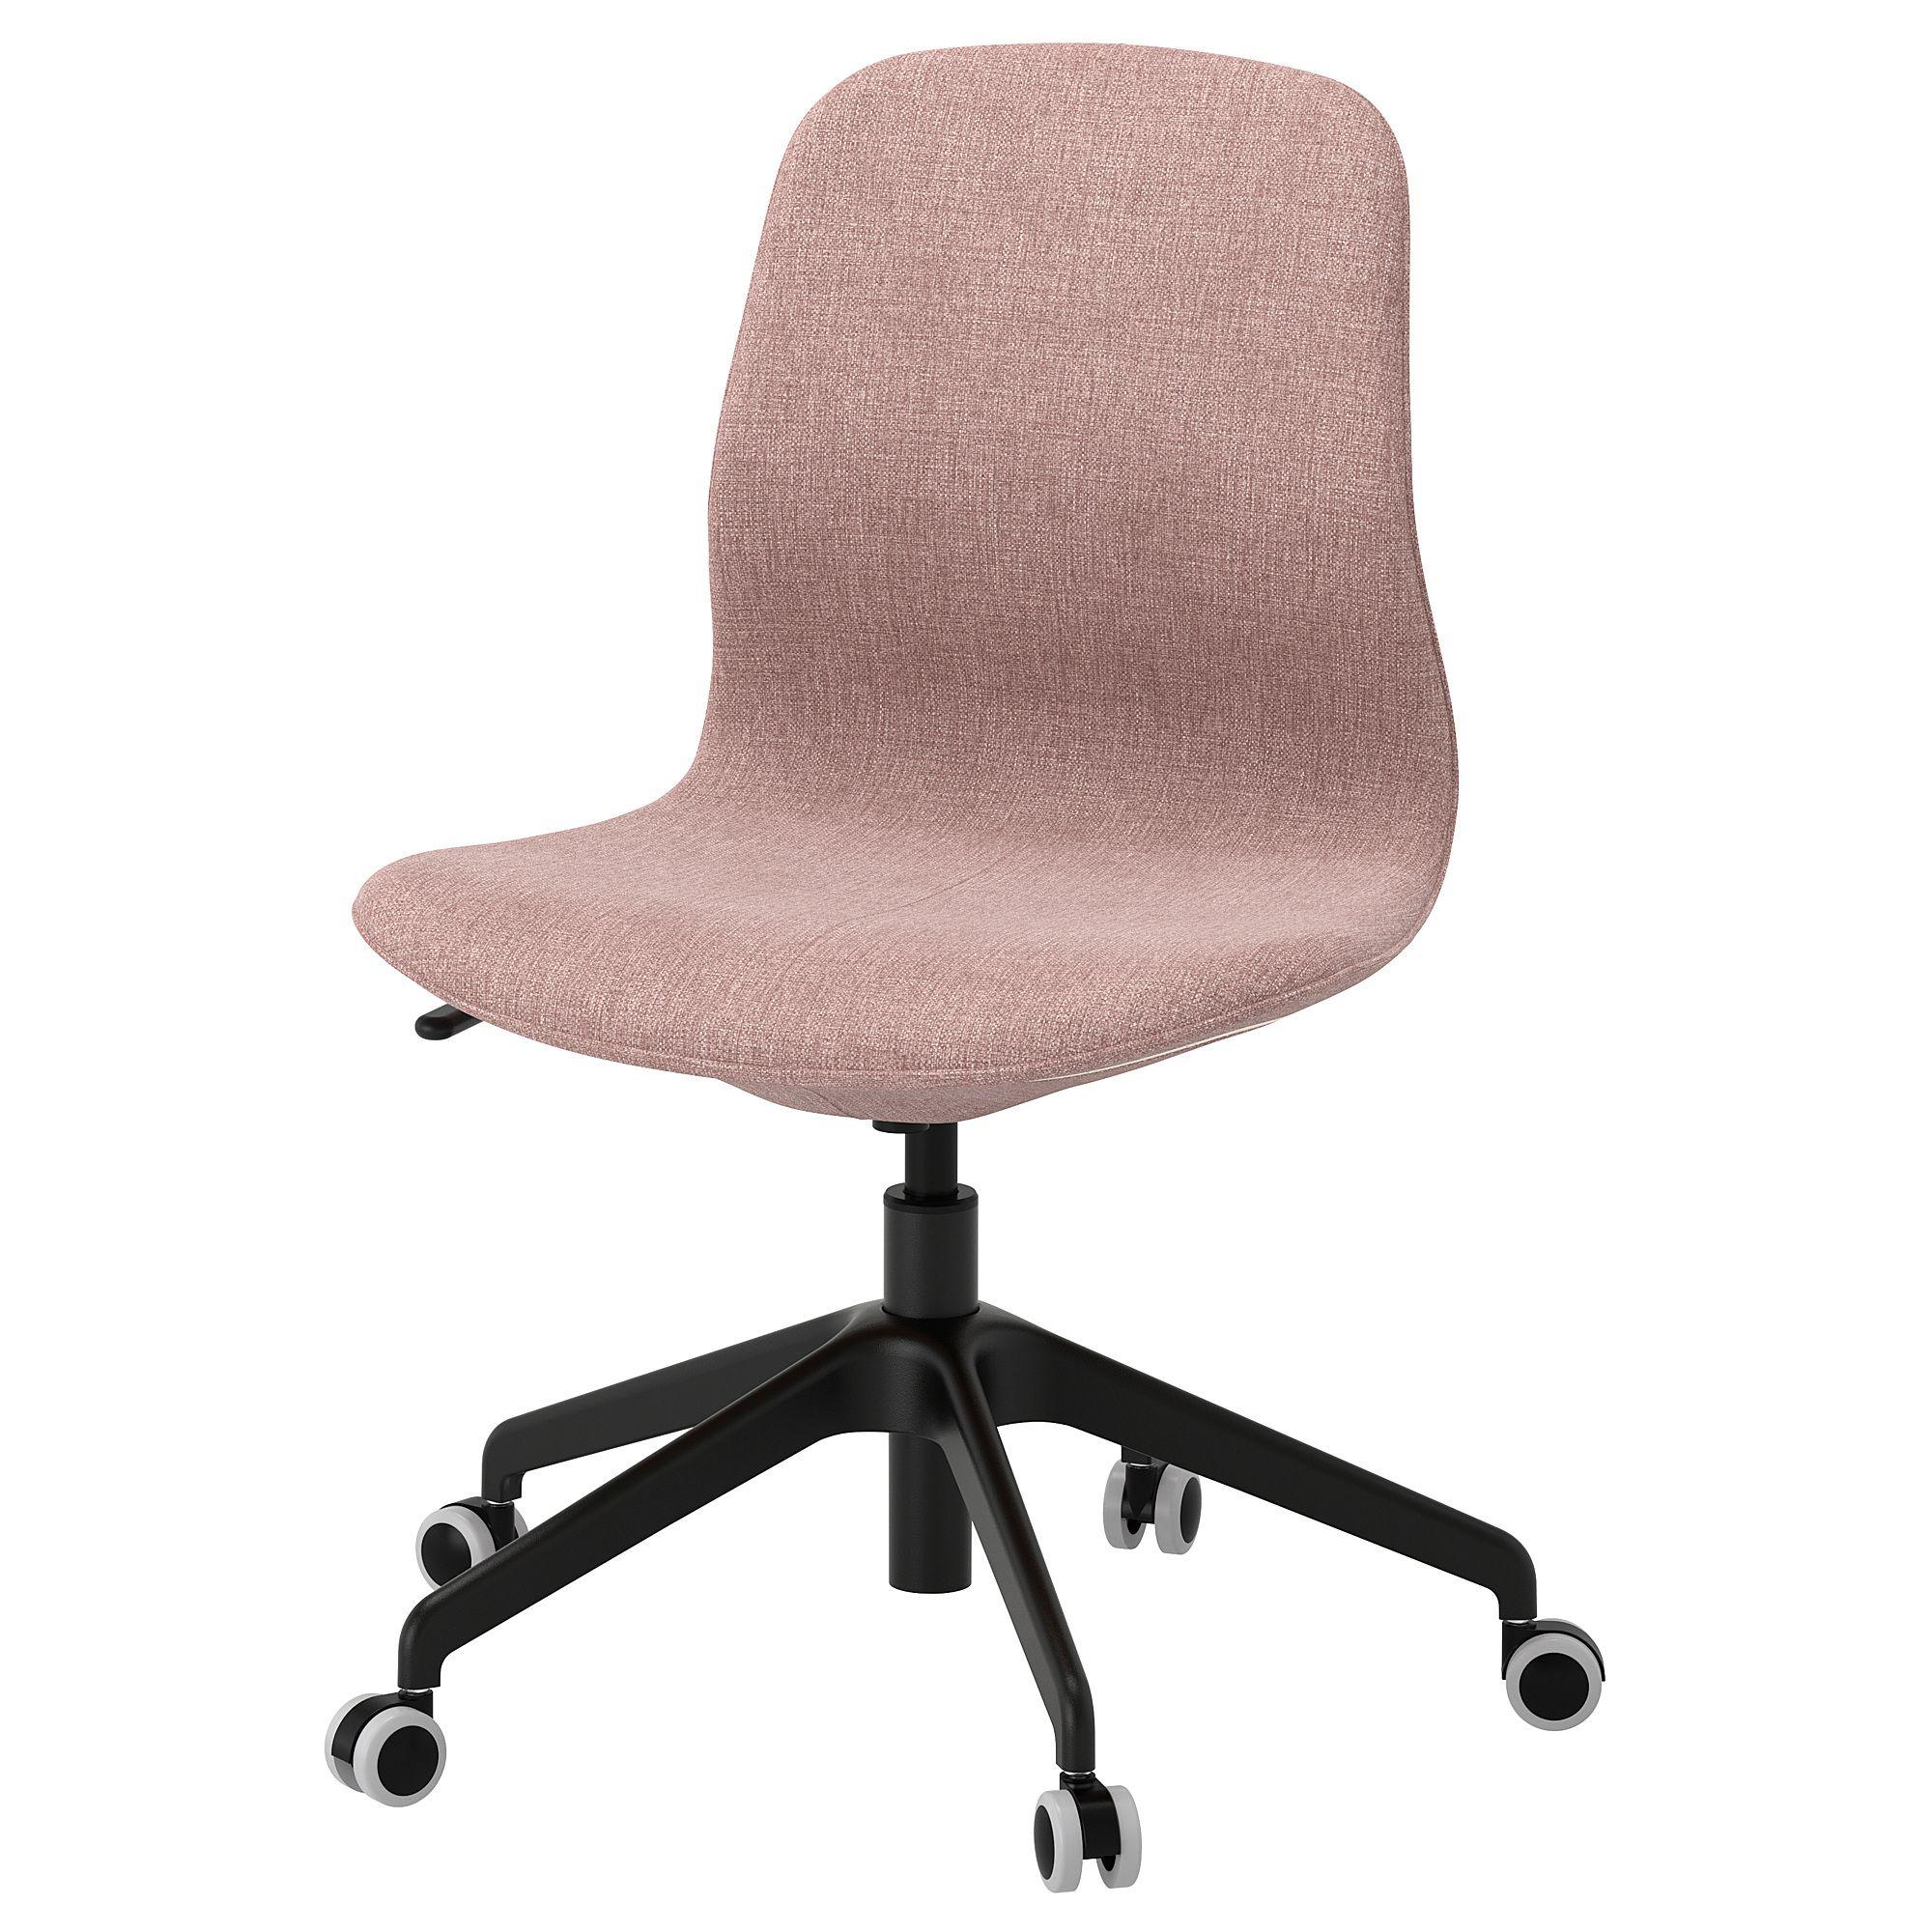 IKEA LÅNGFJÄLL Office chair Chair, Shabby chic table